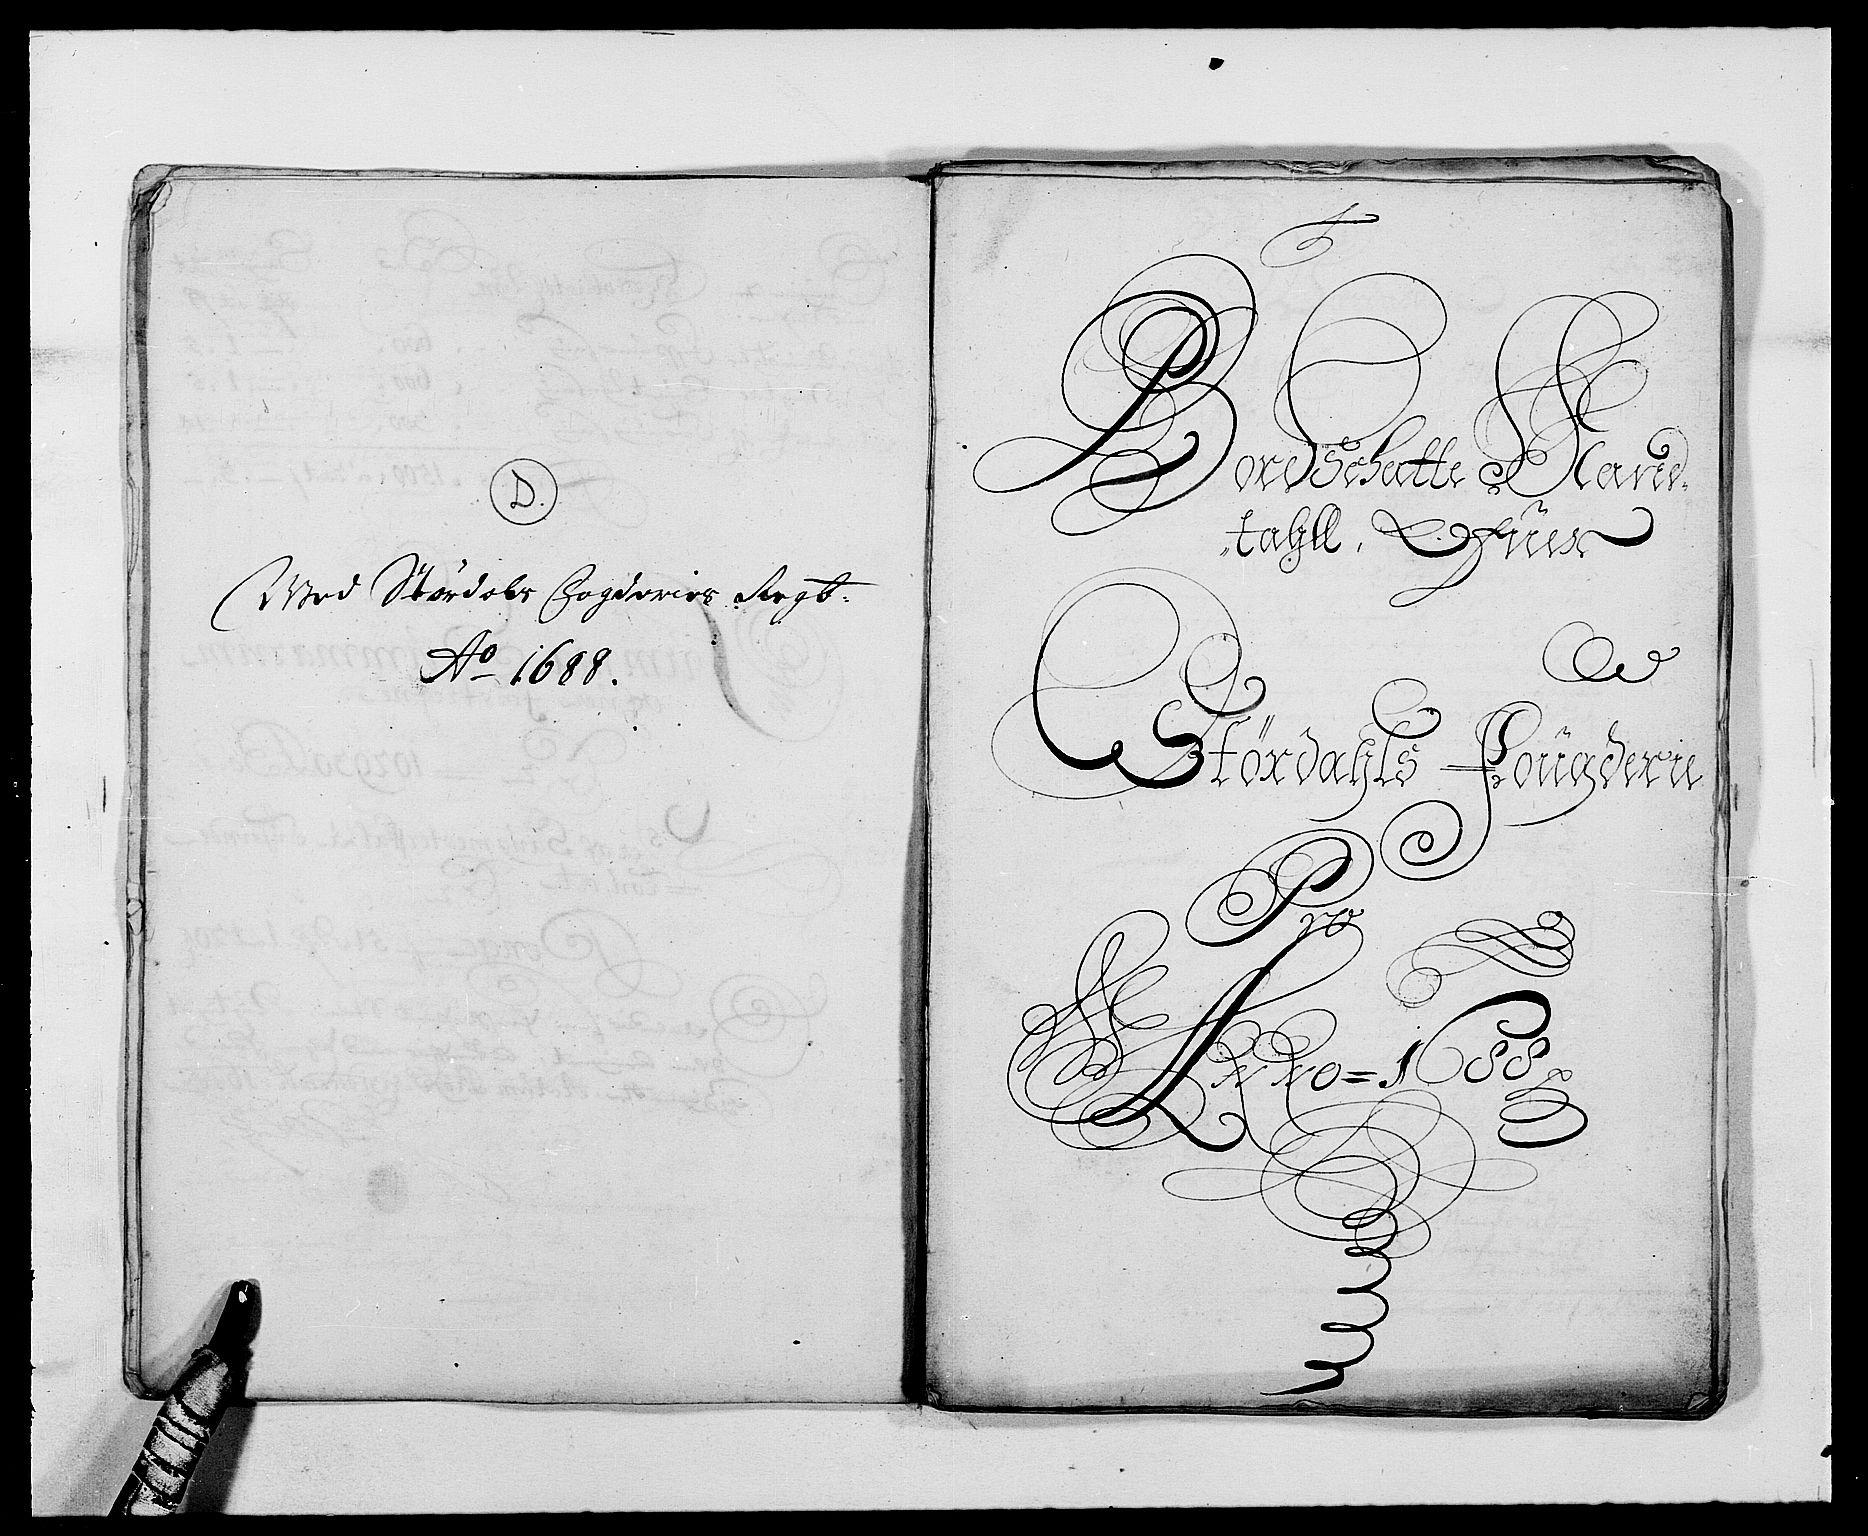 RA, Rentekammeret inntil 1814, Reviderte regnskaper, Fogderegnskap, R62/L4183: Fogderegnskap Stjørdal og Verdal, 1687-1689, s. 207